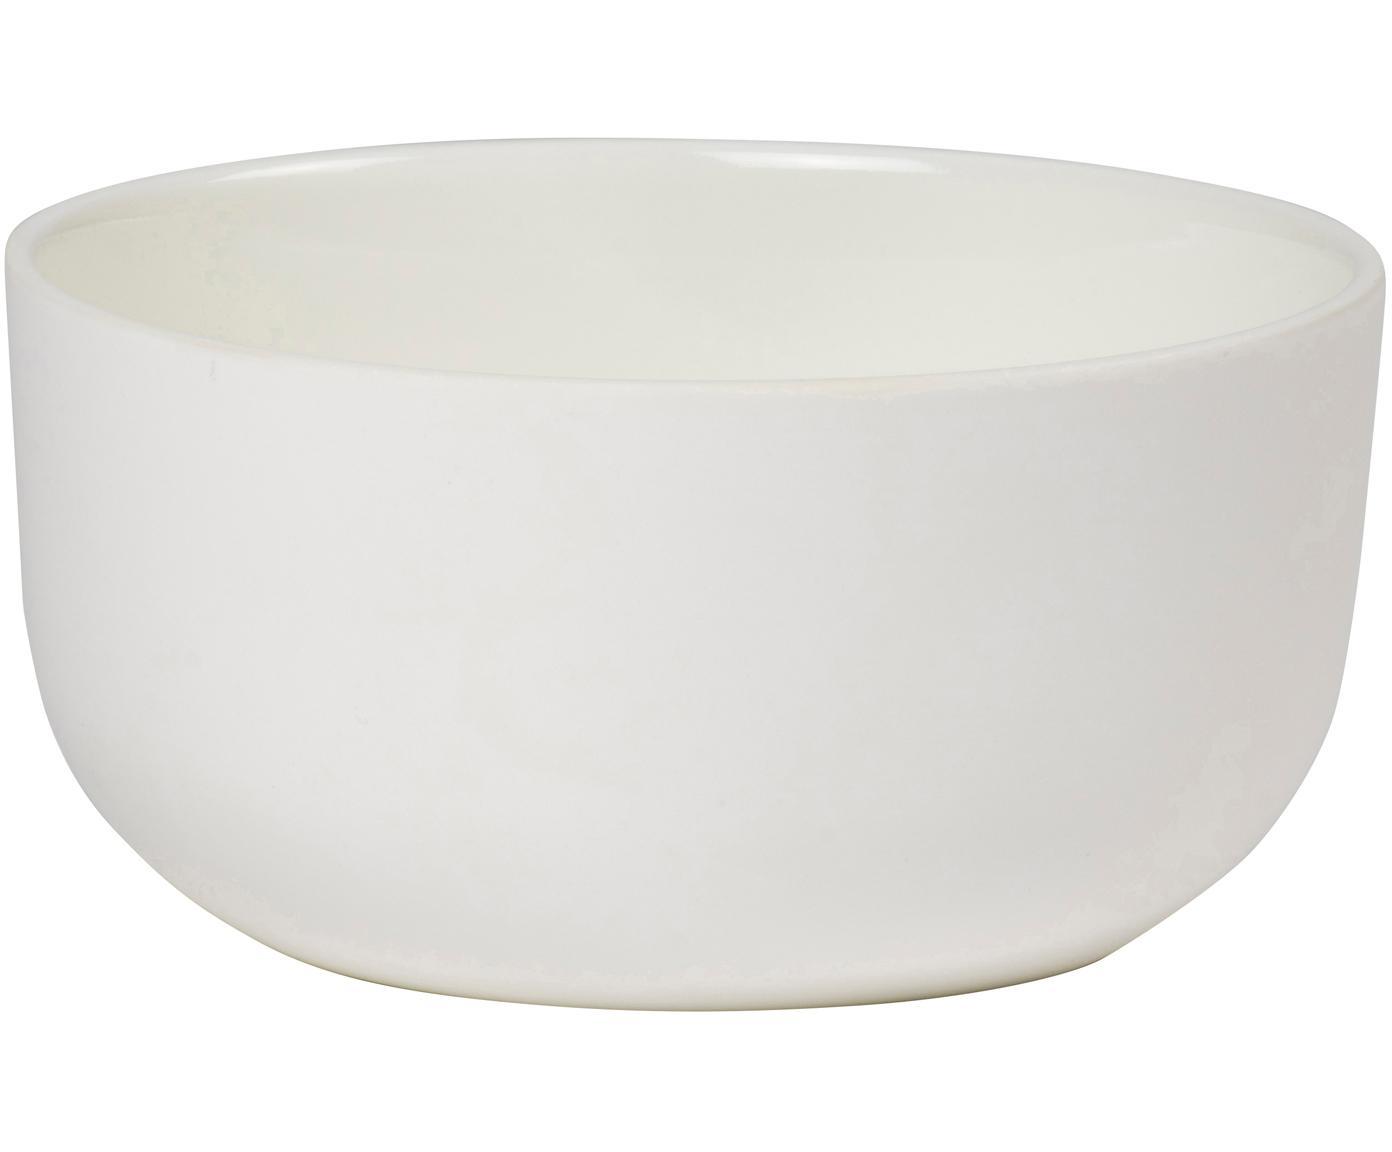 Schälchen Nudge in Weiß matt/glänzend, 4 Stück, Porzellan, Gebrochenes Weiß, Ø 14 cm